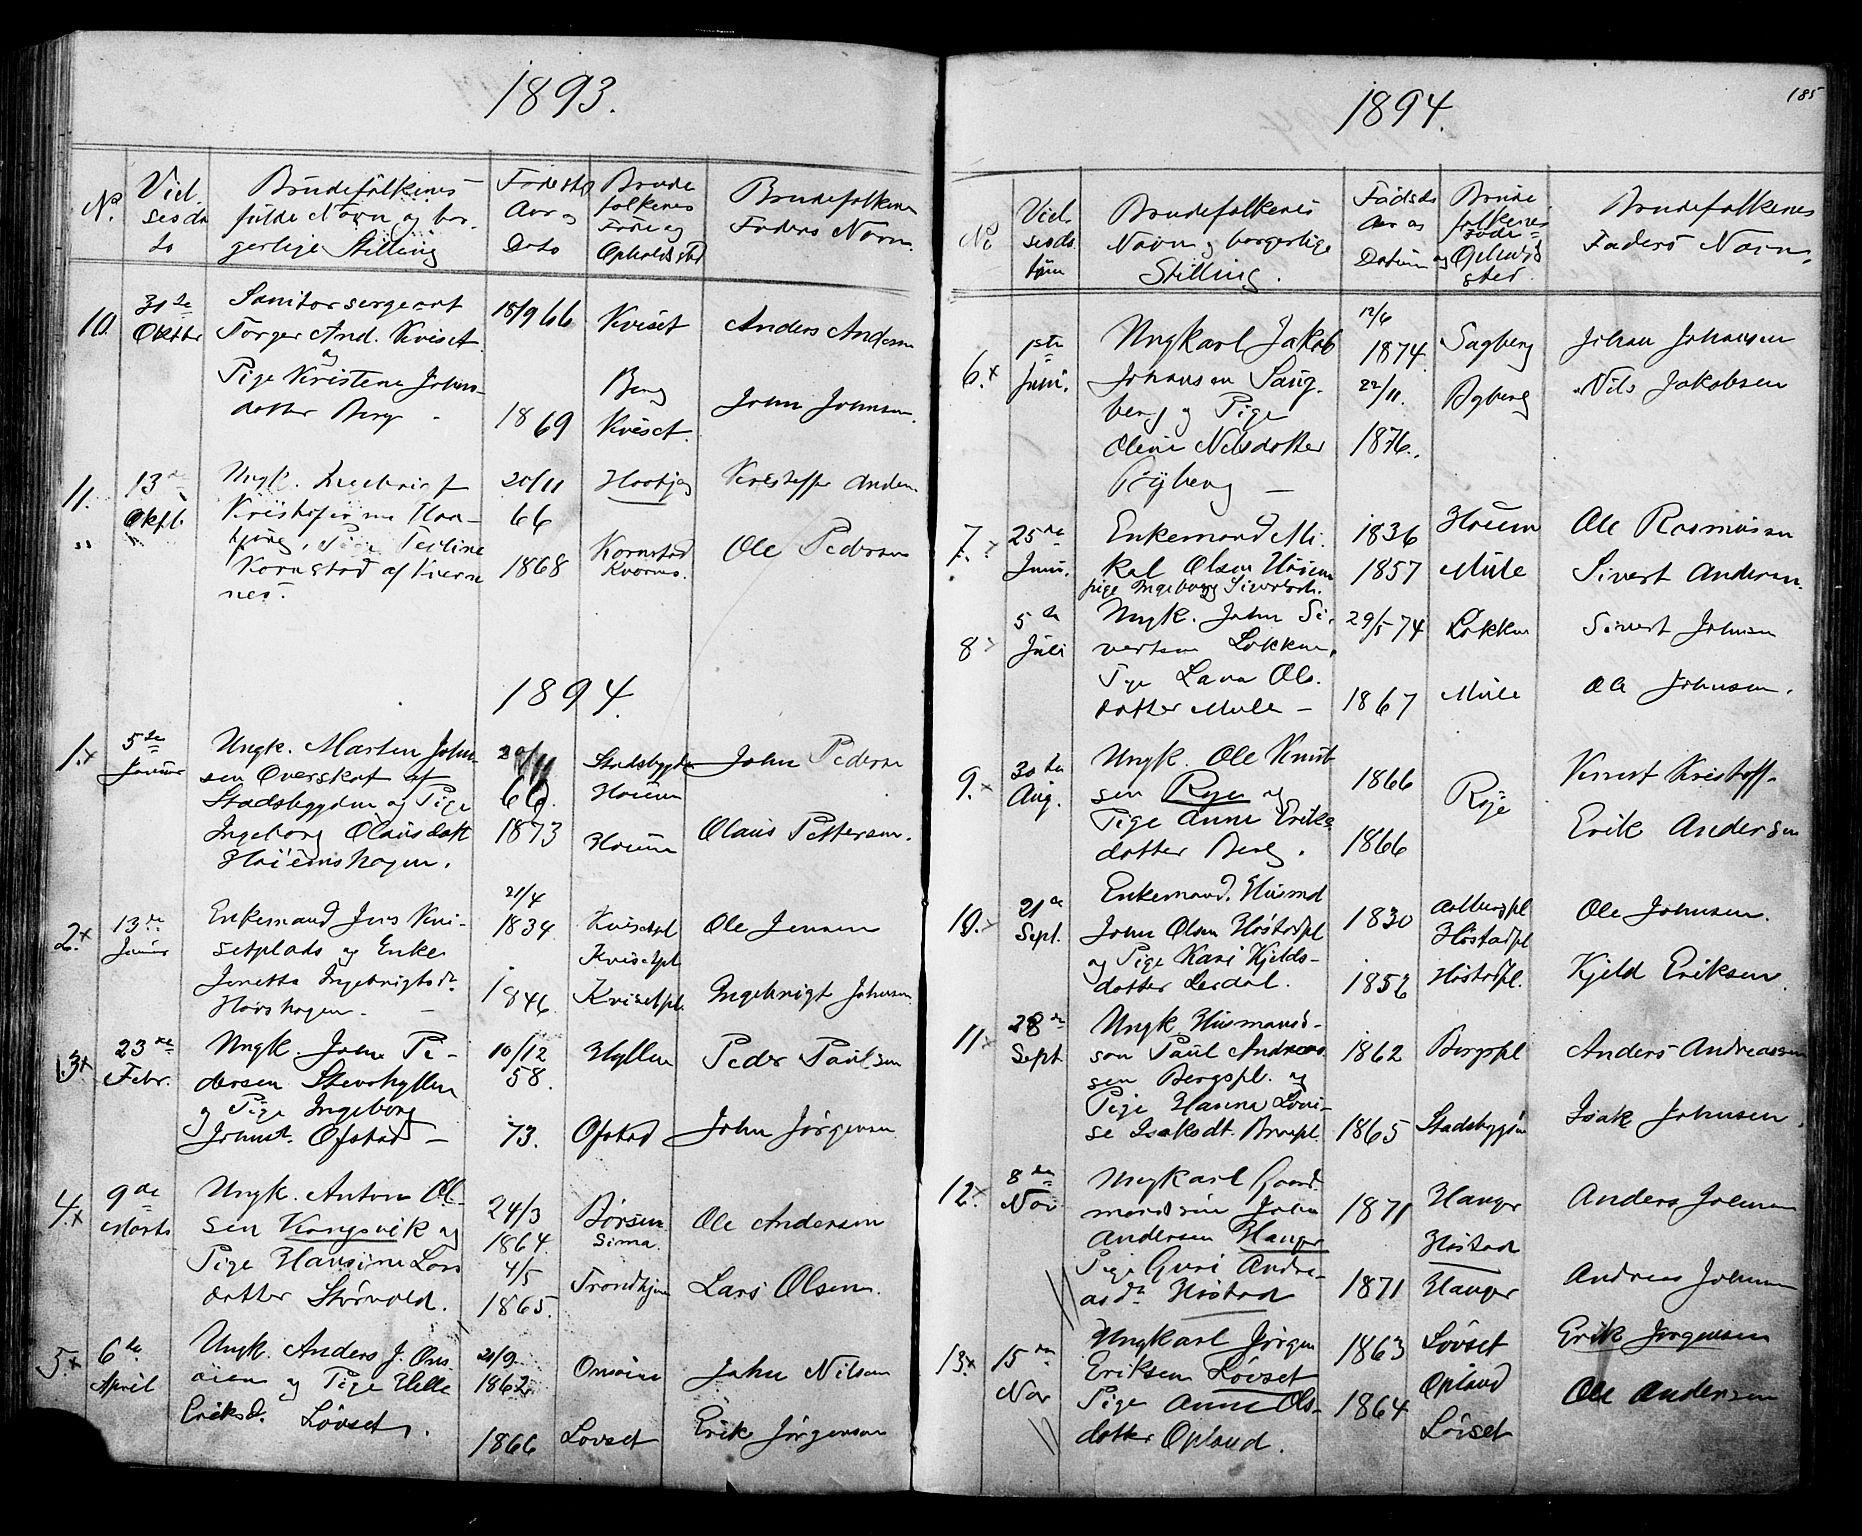 SAT, Ministerialprotokoller, klokkerbøker og fødselsregistre - Sør-Trøndelag, 612/L0387: Klokkerbok nr. 612C03, 1874-1908, s. 185